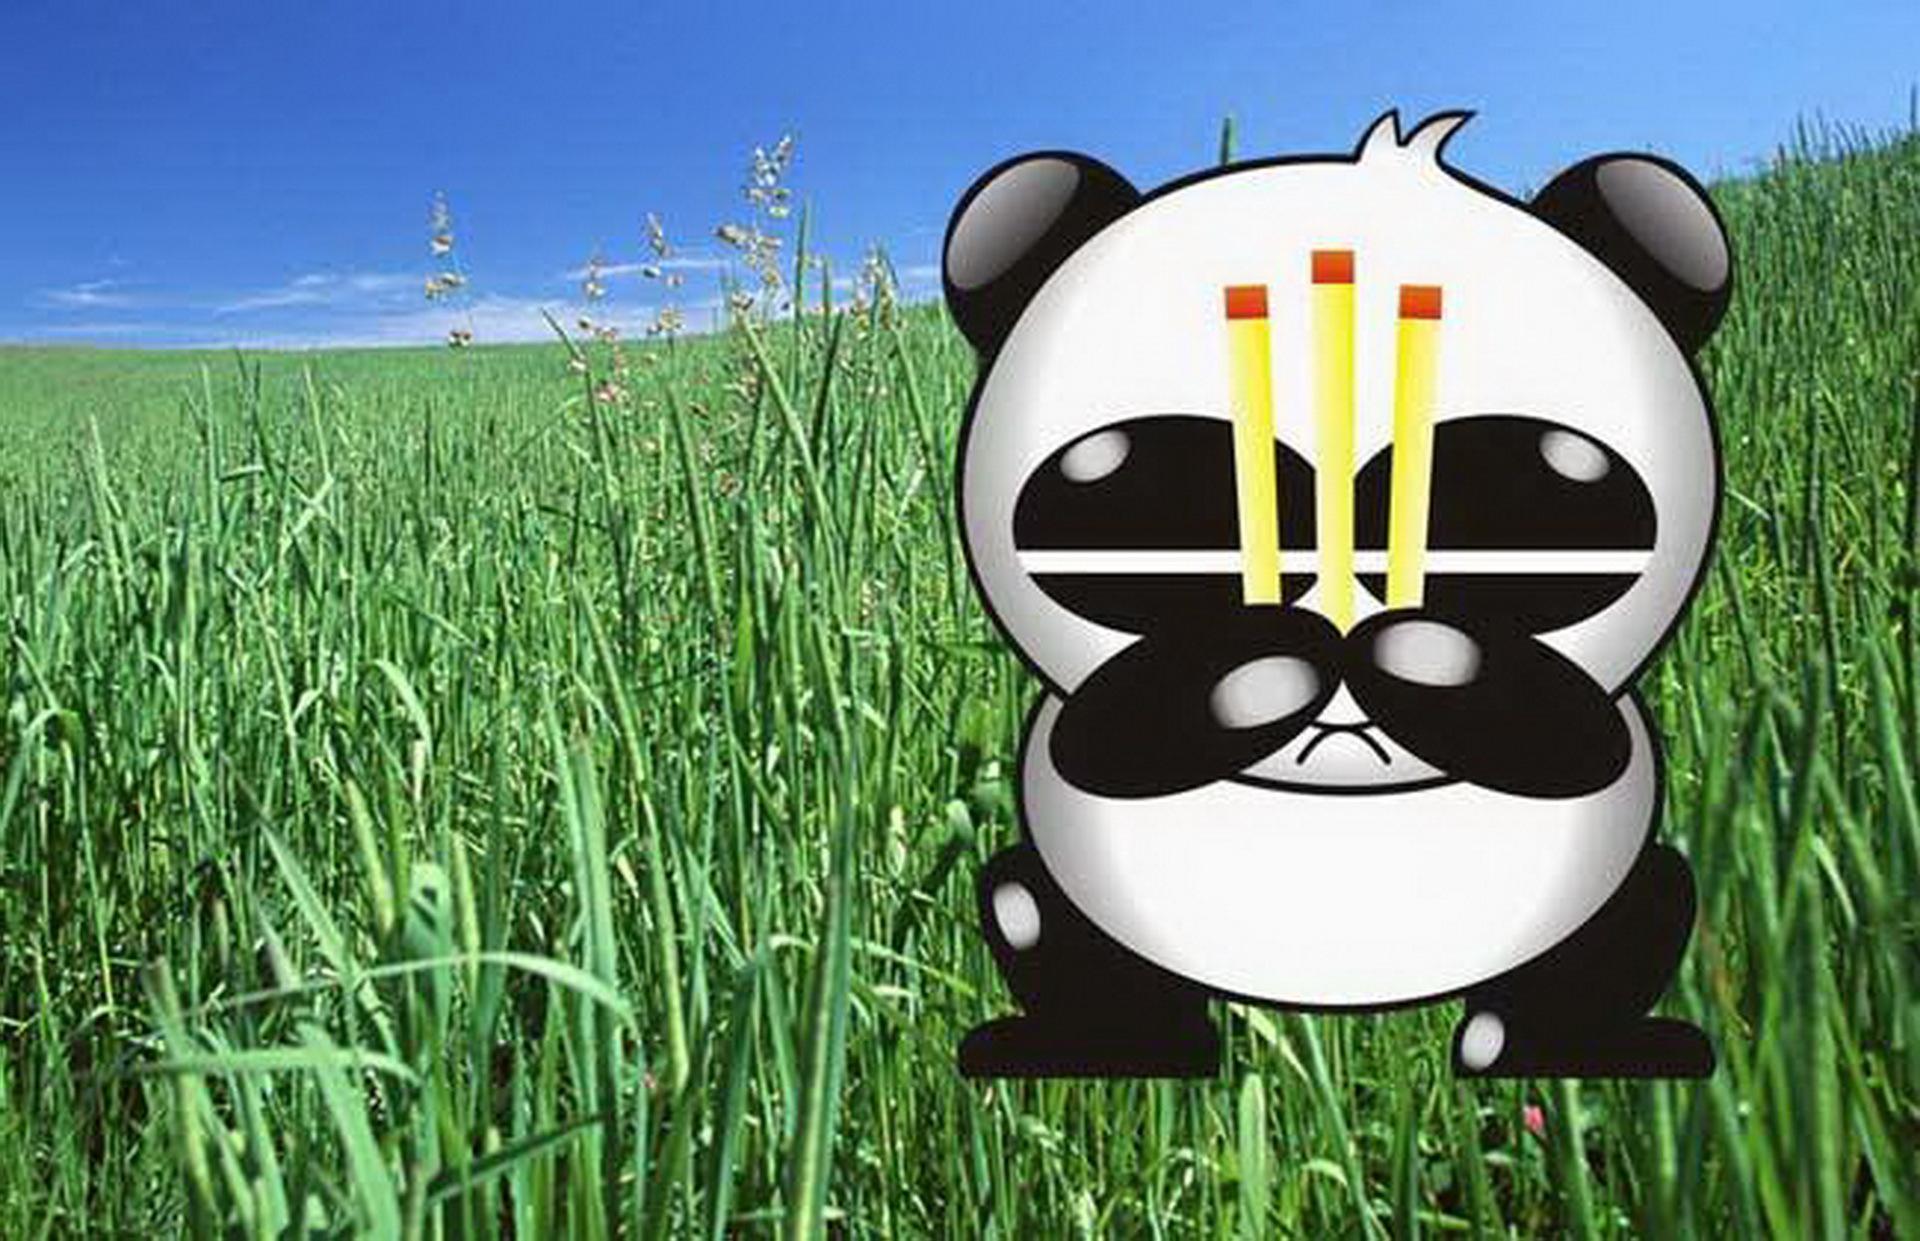 当年的天才少年,曾发明 熊猫烧香 病毒,如今过得怎么样了